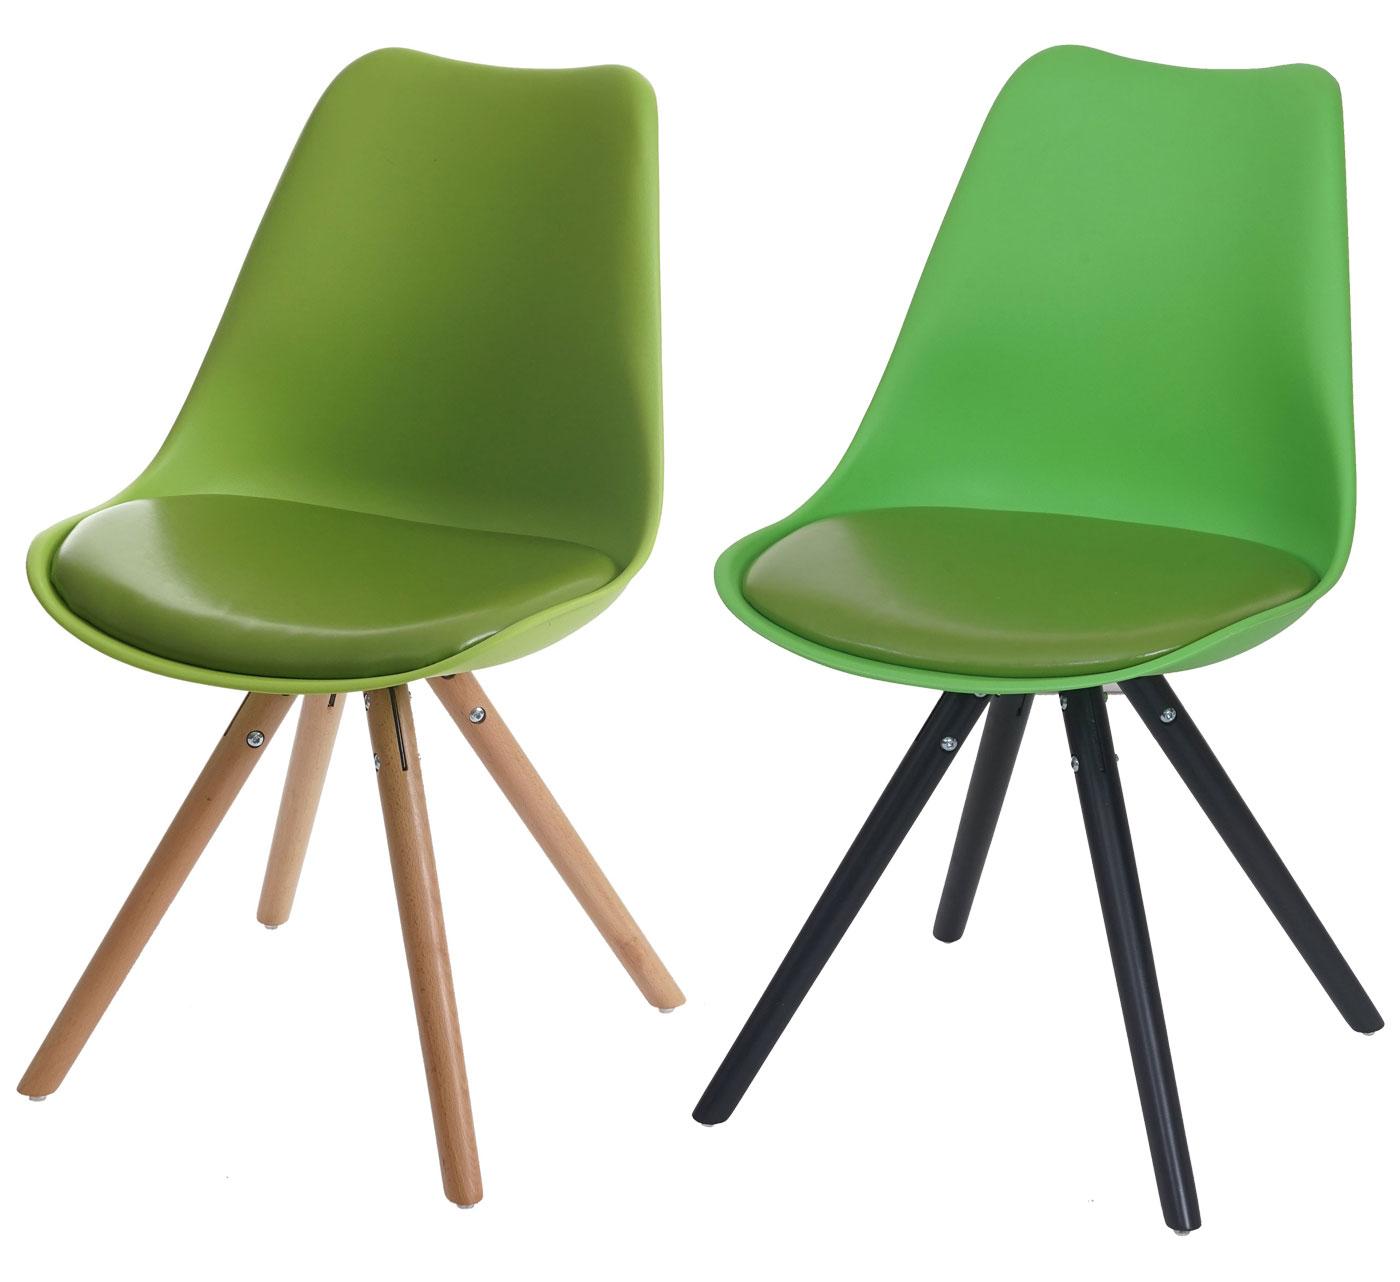 6x esszimmerstuhl malm t501 stuhl lehnstuhl retro 50er jahre design ebay. Black Bedroom Furniture Sets. Home Design Ideas